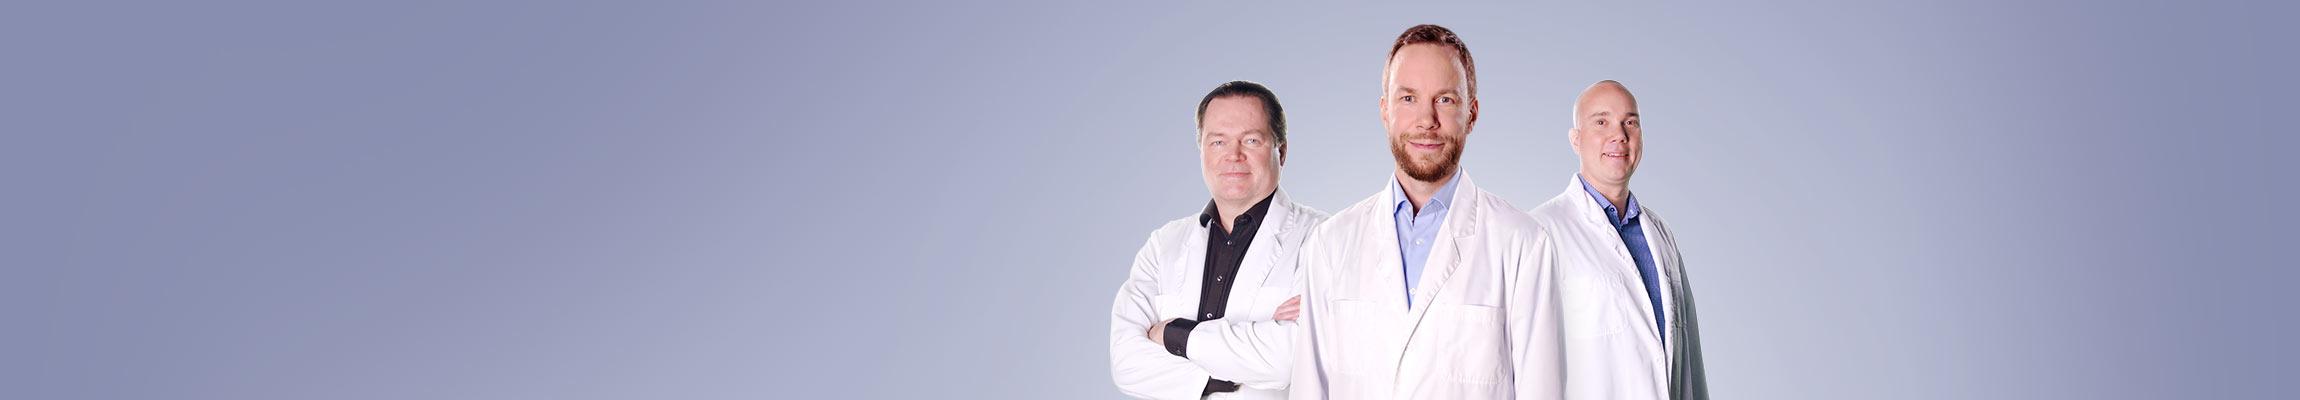 Harri Koskela, Antti Viljanen ja Kimmo Koskela ovat Medilaserin osakkeenomistajia.